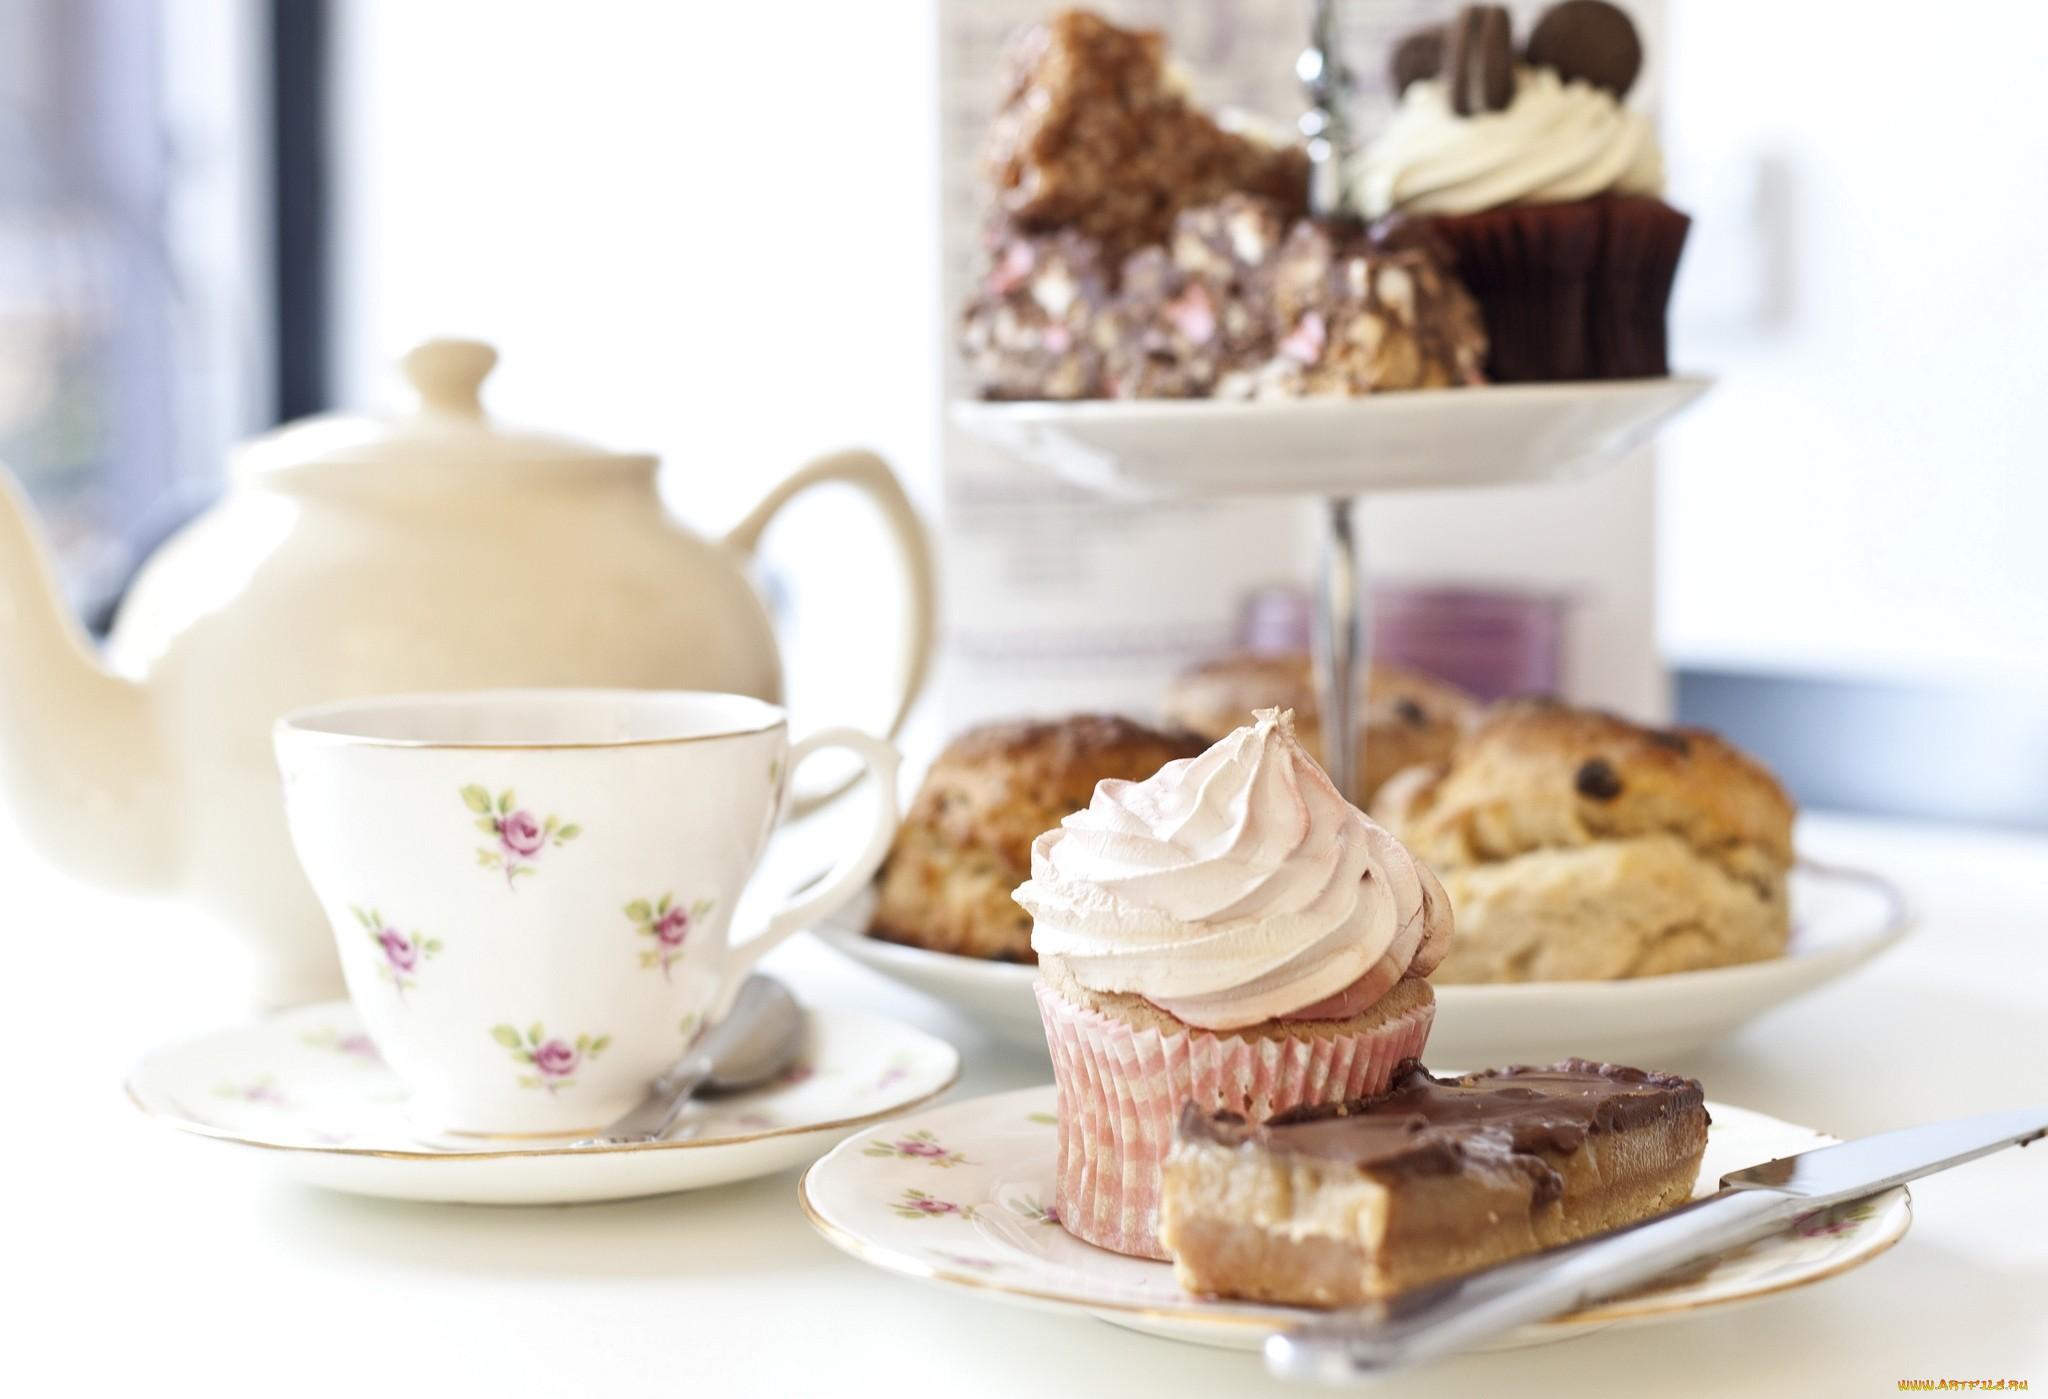 таким образом милые картинки пироженки и кофе наши дни